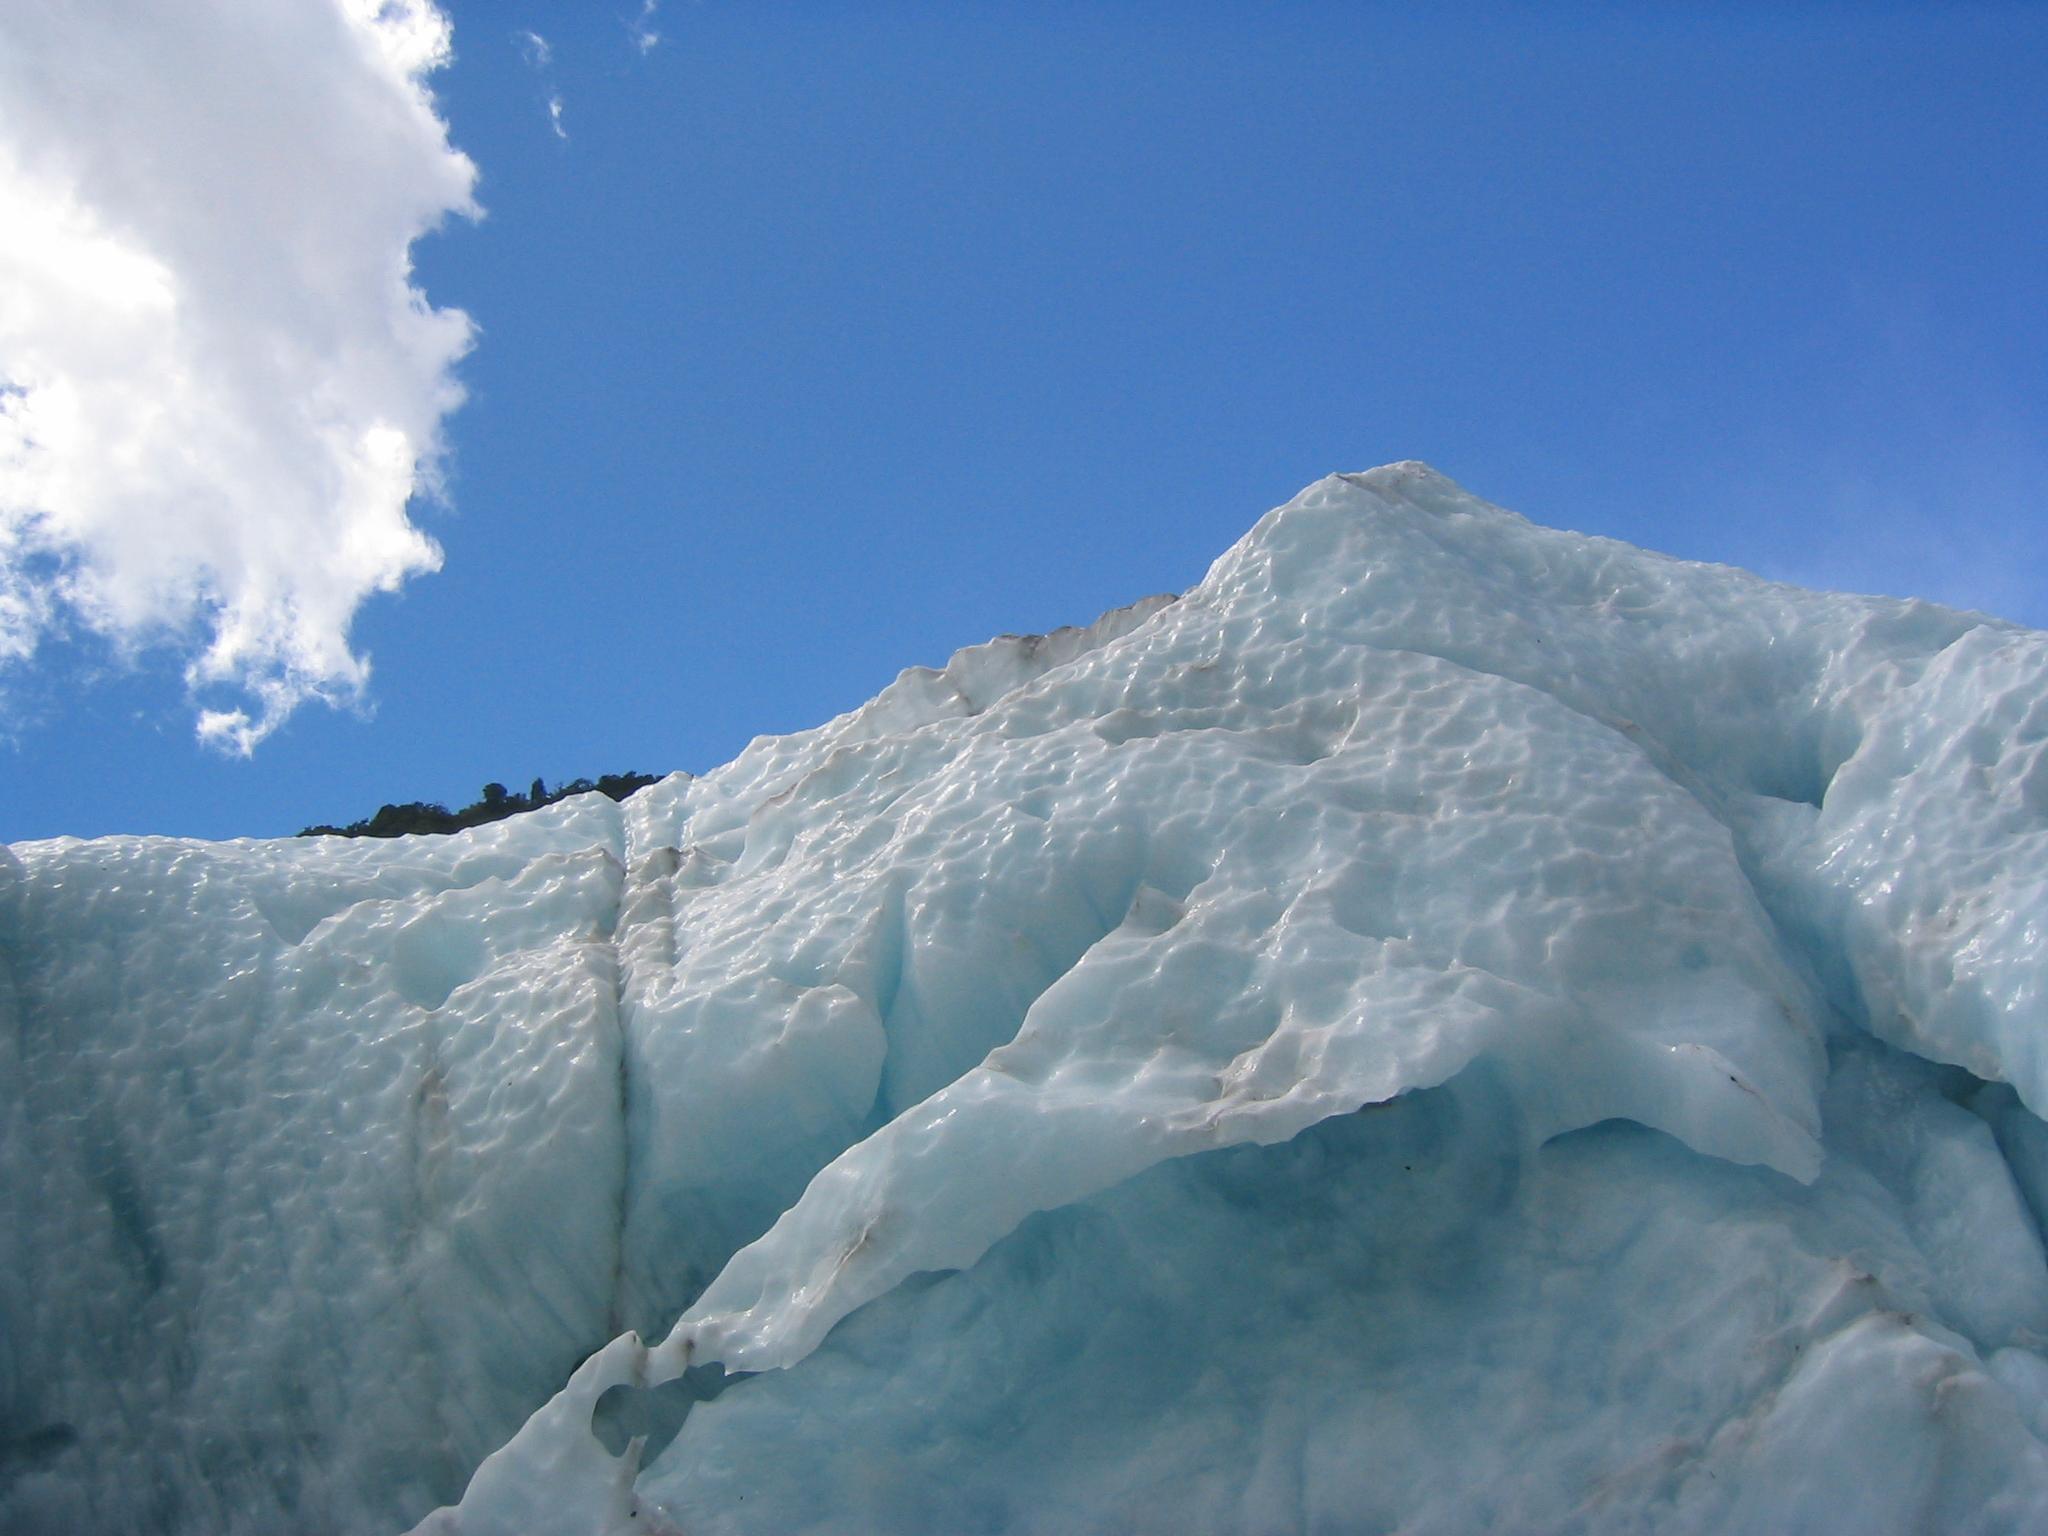 icy-glacier.jpg